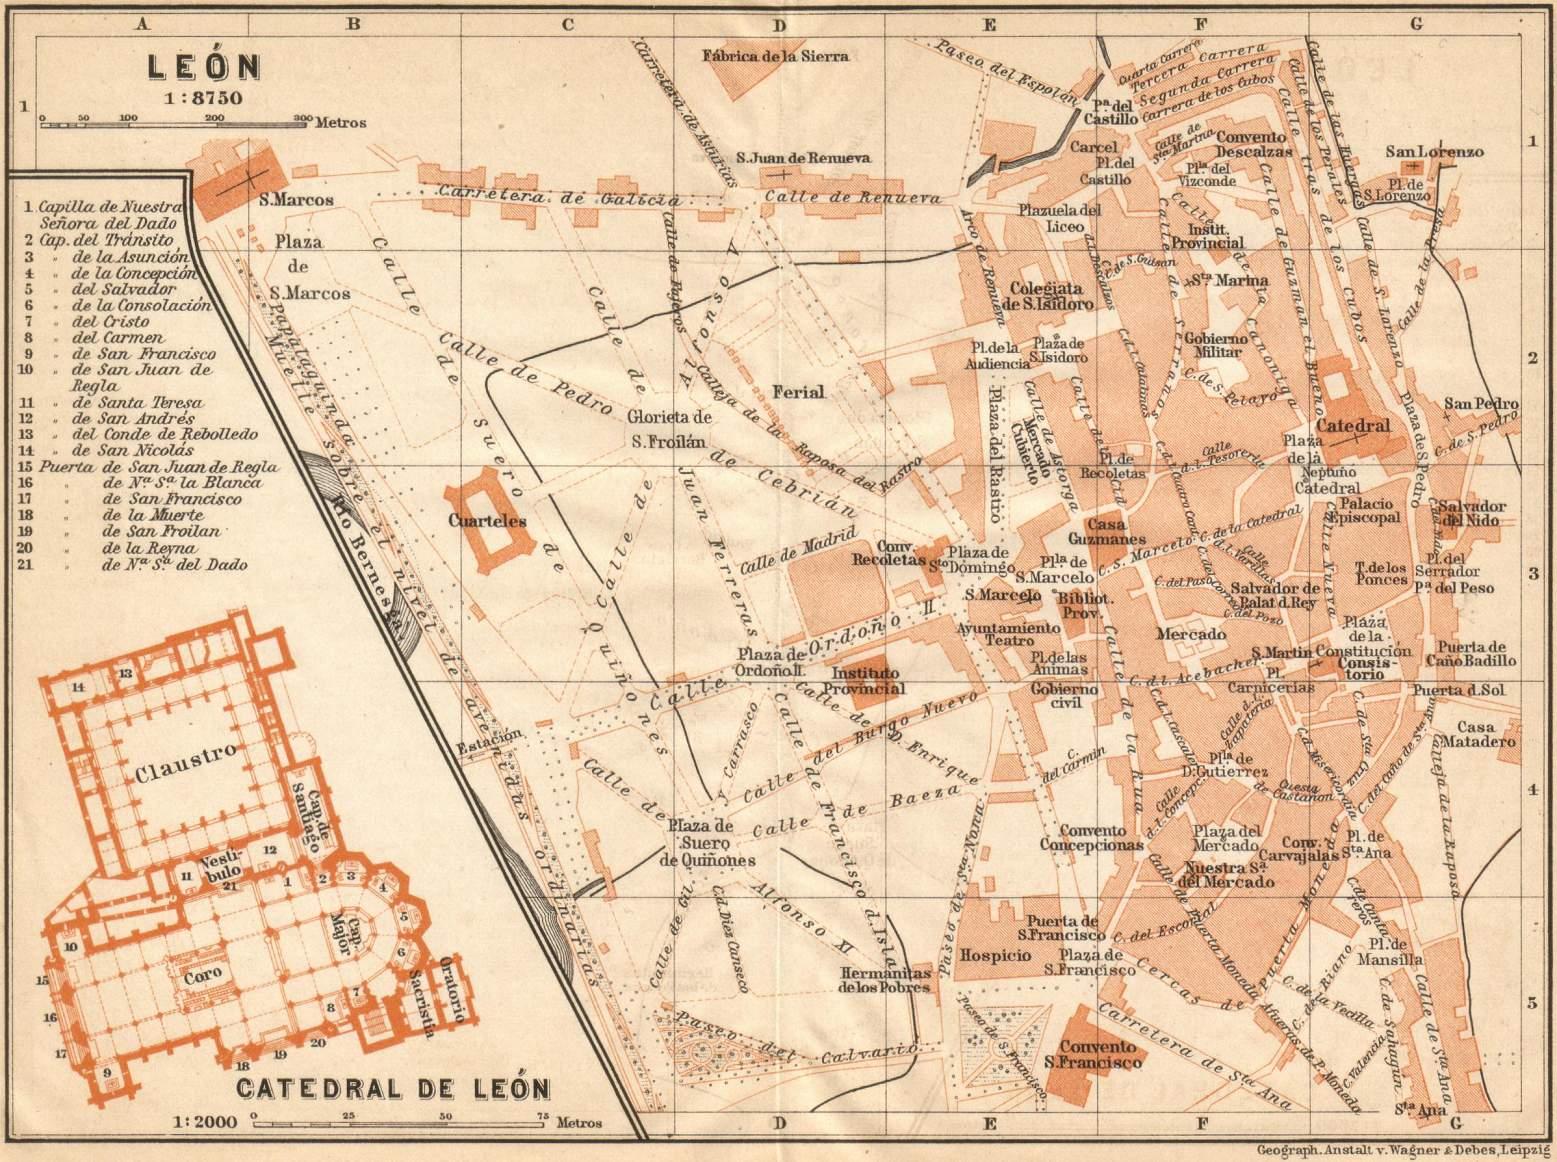 Mapa de León 1901